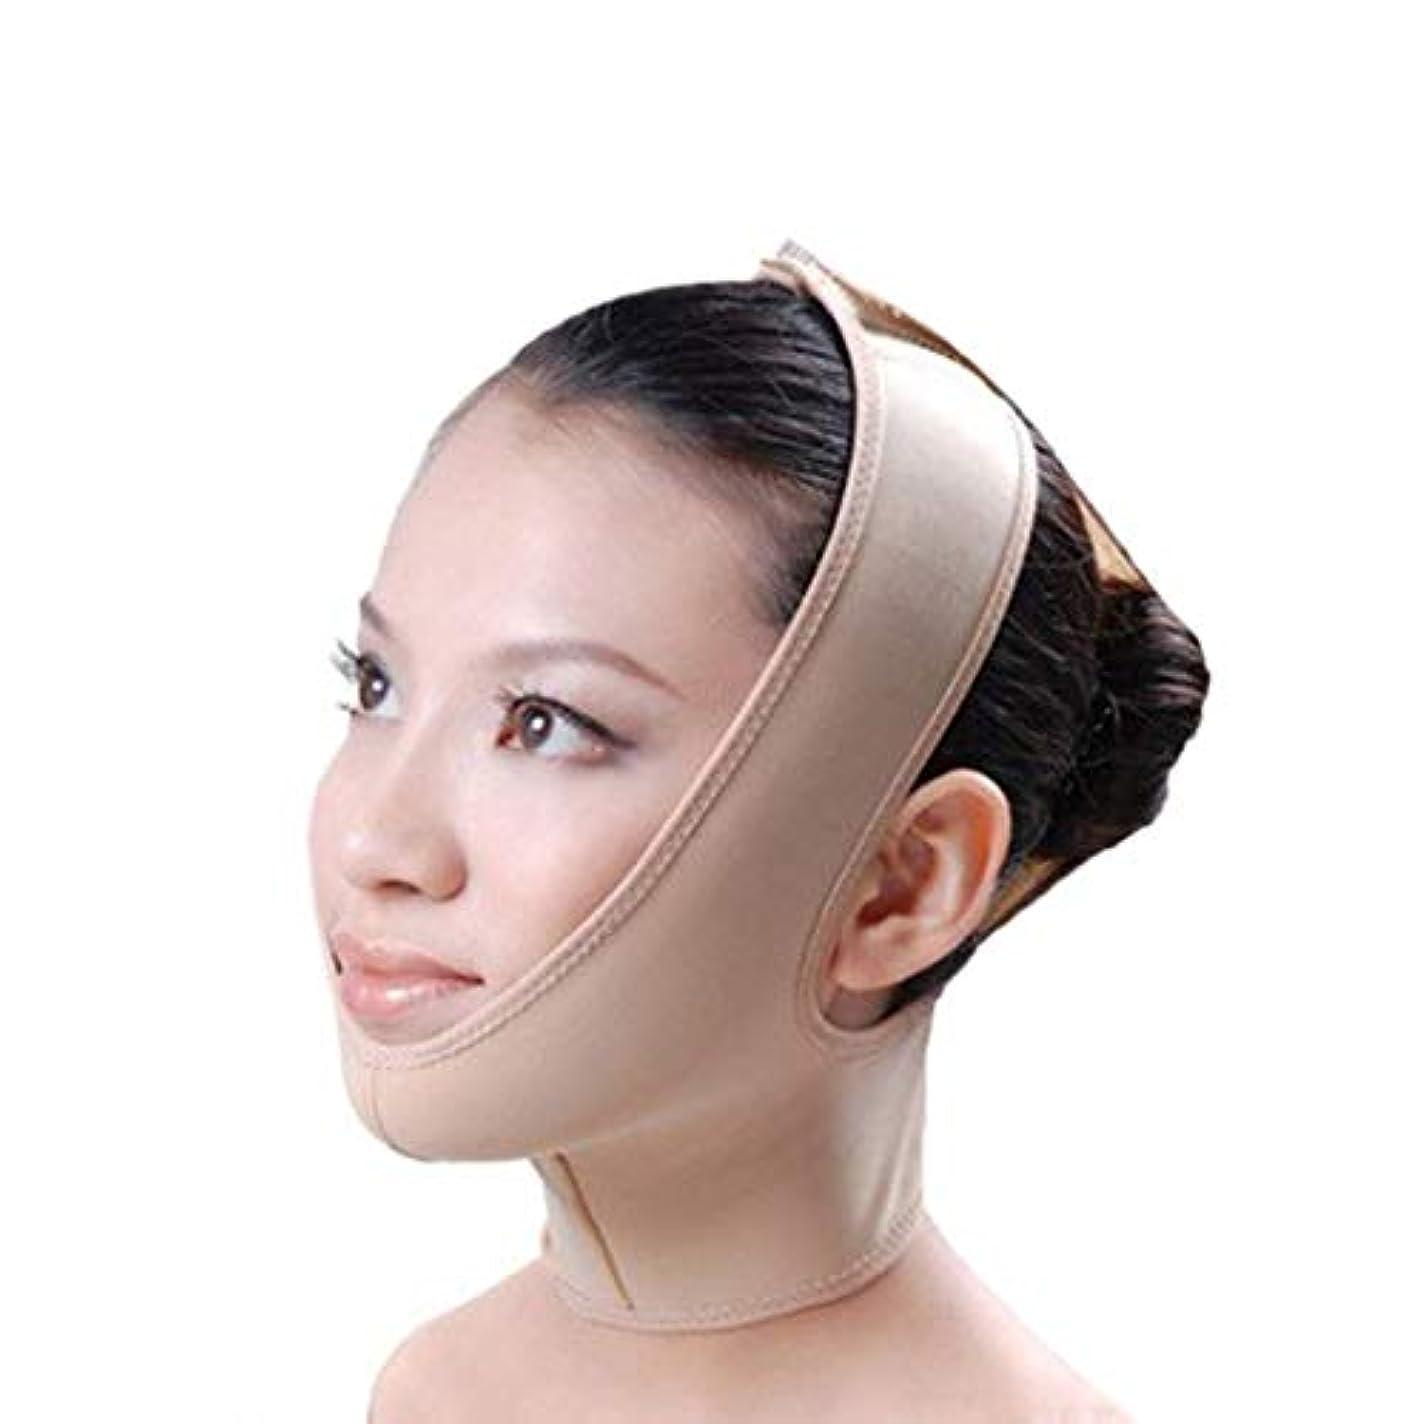 旋律的ペック害虫フェイススリム、リフティングマスク、包帯リフト、二重あご、引き締めフェイシャルリフト、フェイシャル減量マスク、リフティングスキン包帯(サイズ:XL),XL